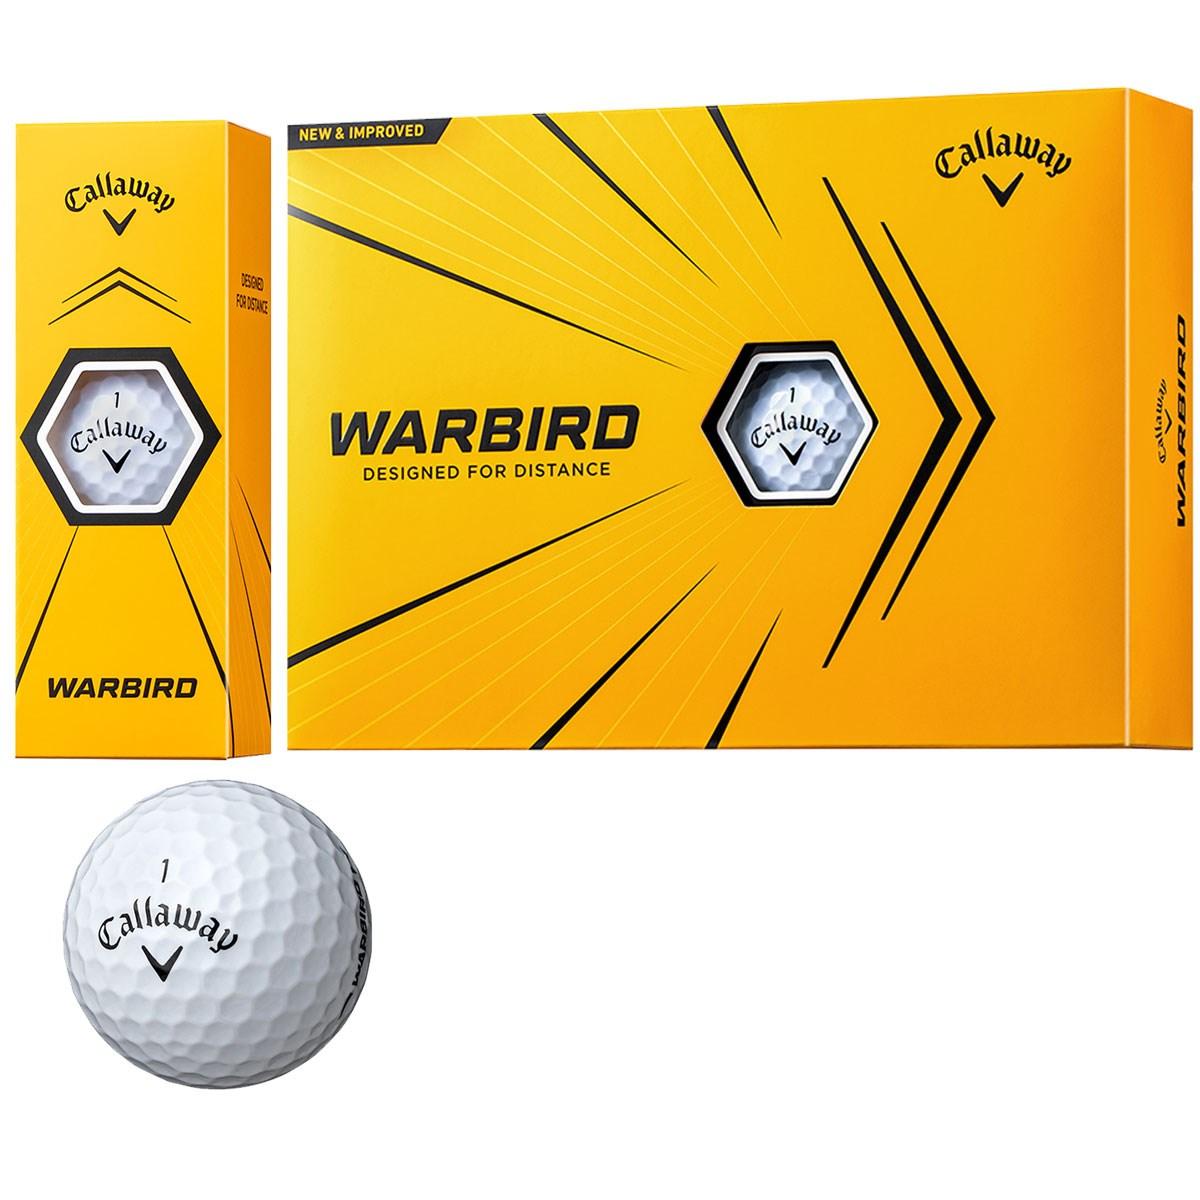 キャロウェイゴルフ(Callaway Golf) WARBIRD 21 ボール【2021年2月13日発売予定】